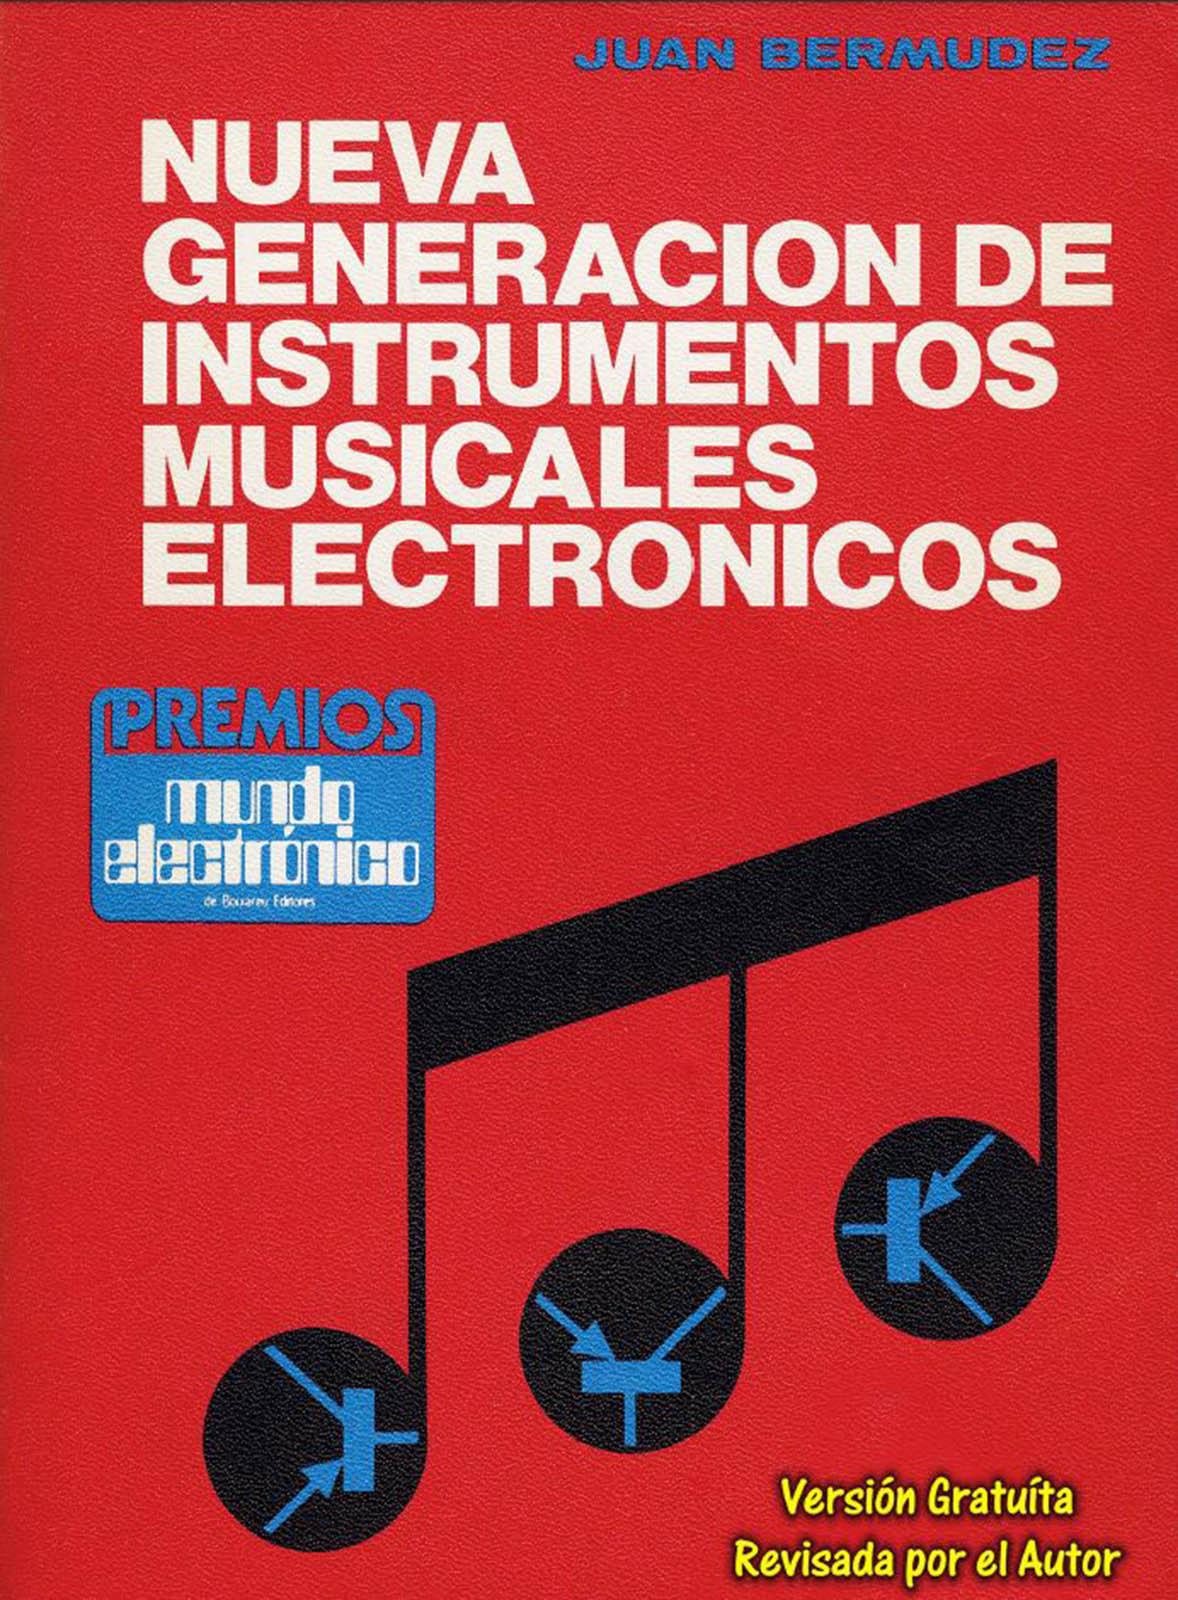 NUEVA GENERACIÓN DE INSTRUMENTOS MUSICALES ELECTRÓNICOS